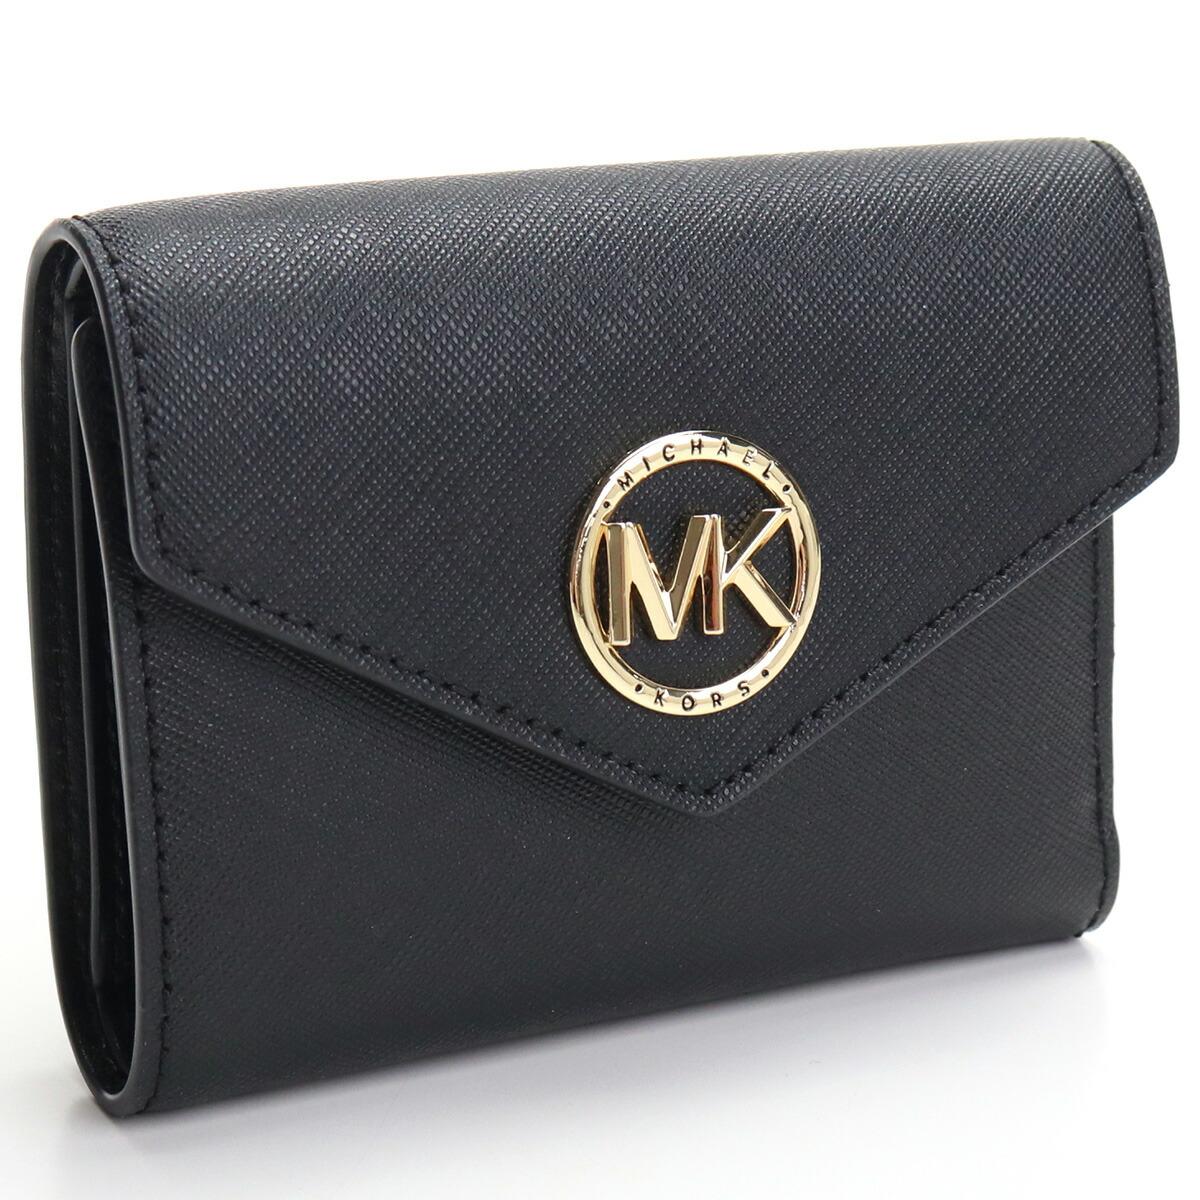 マイケル・コース MICHAEL KORS CARMEN 3つ折り財布 ミニ財布 コンパクト財布 ブランド財布 34S1GNME6L 001 BLACK ブラック gsw-2